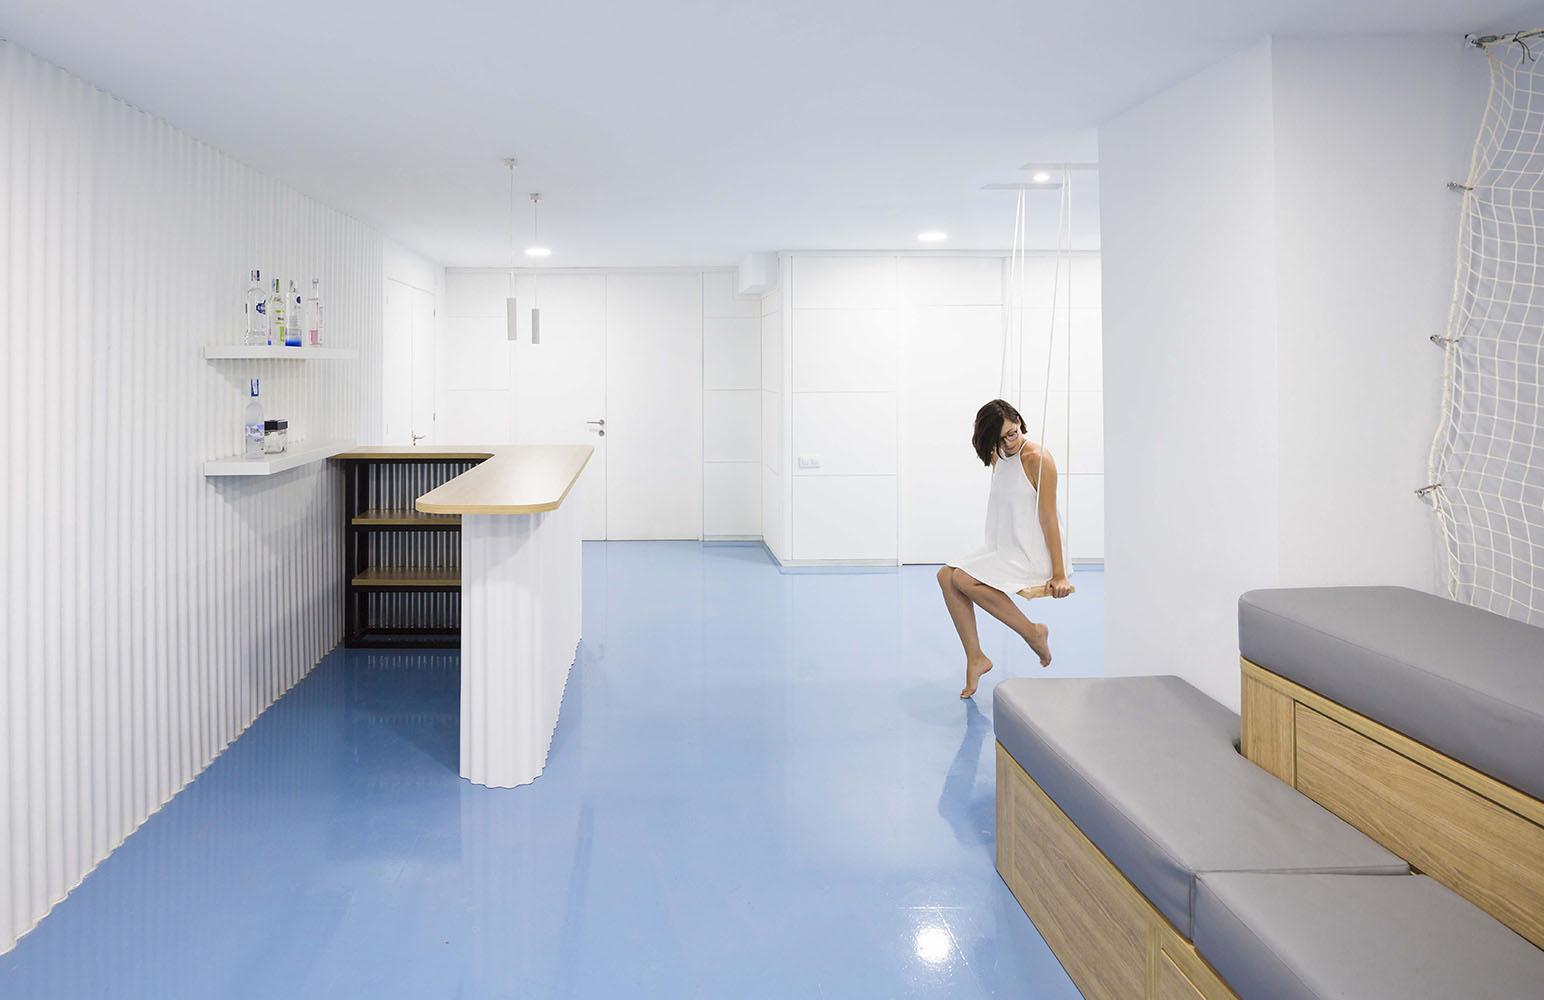 clap diseño interior oficinas google interiorismo creative agency